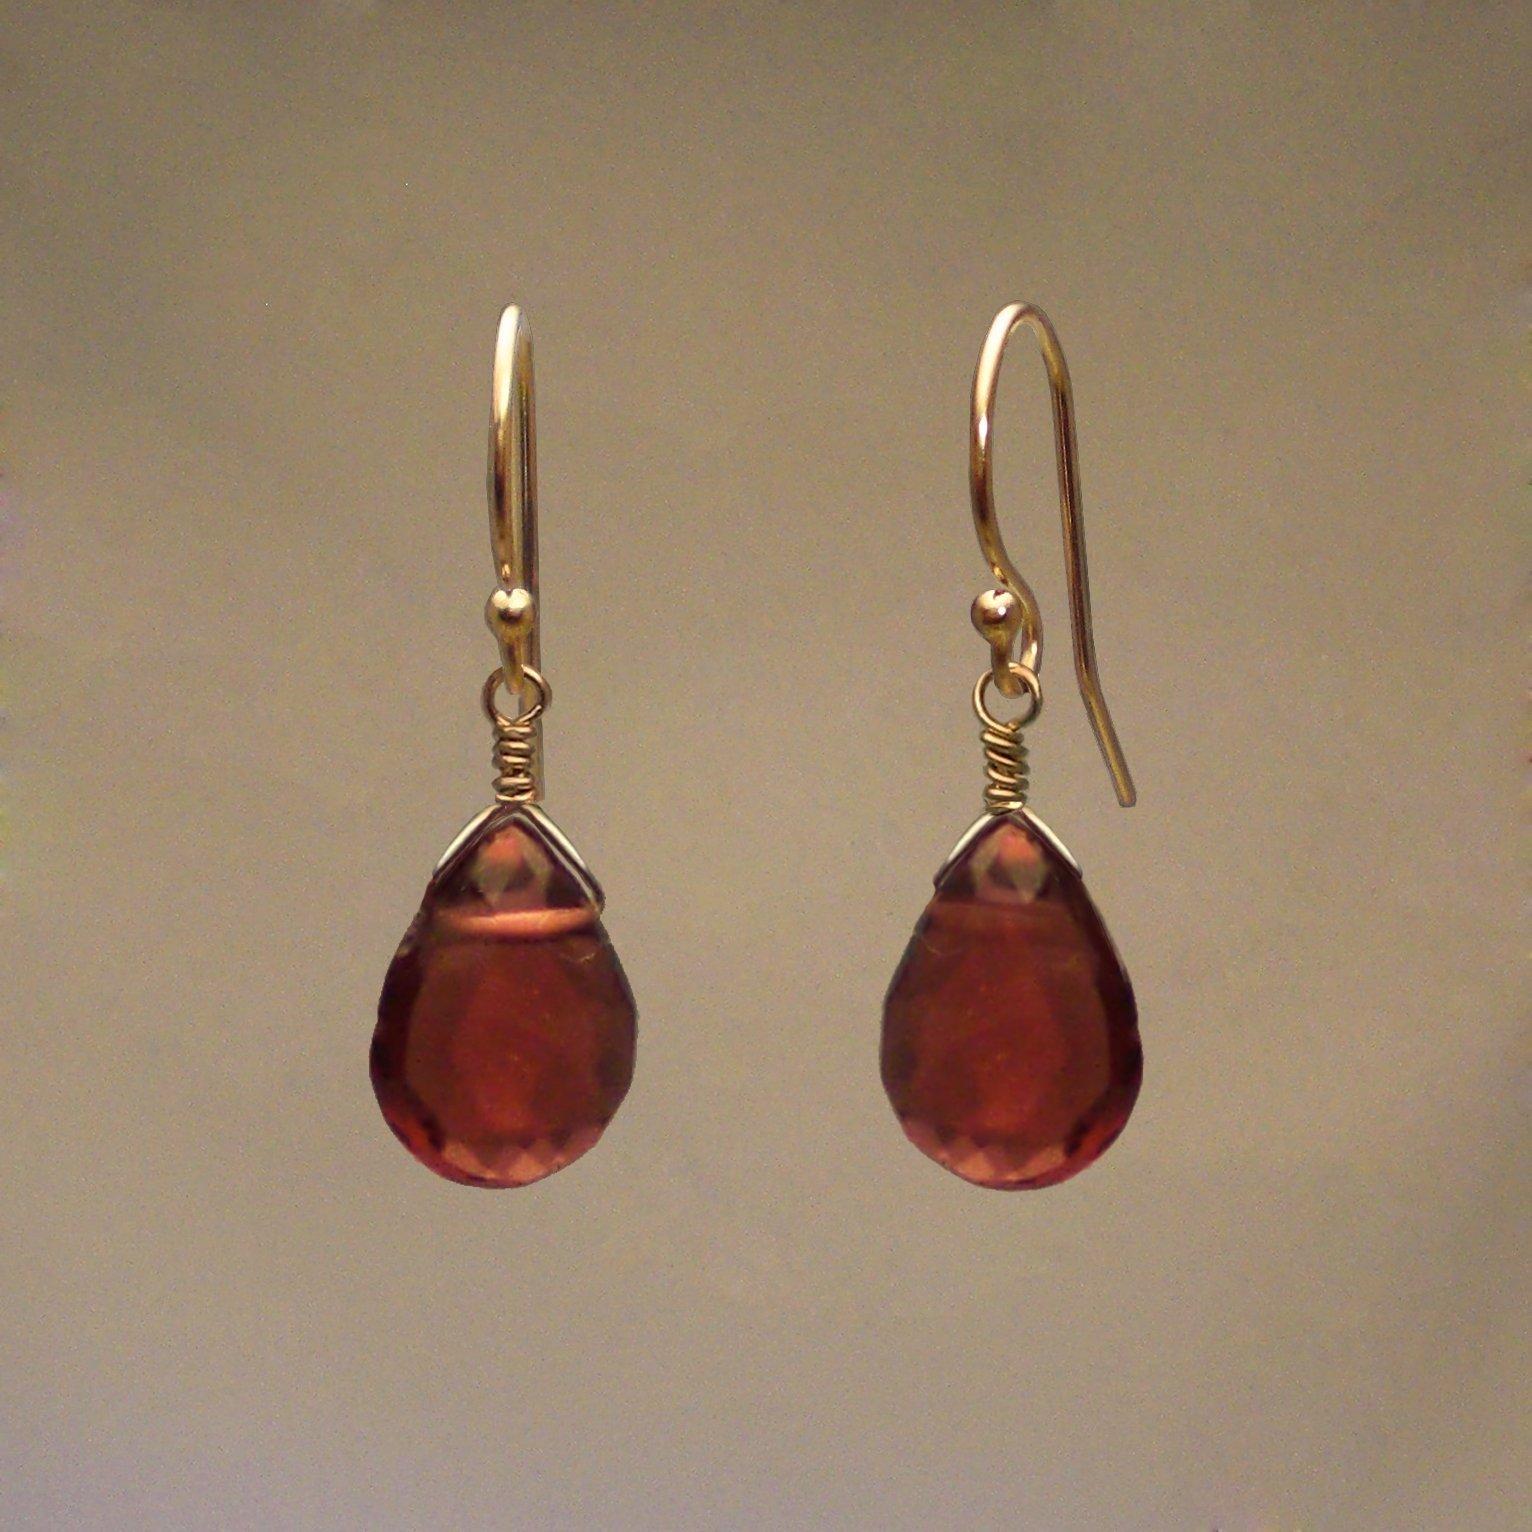 Garnet Gem Drop Earrings